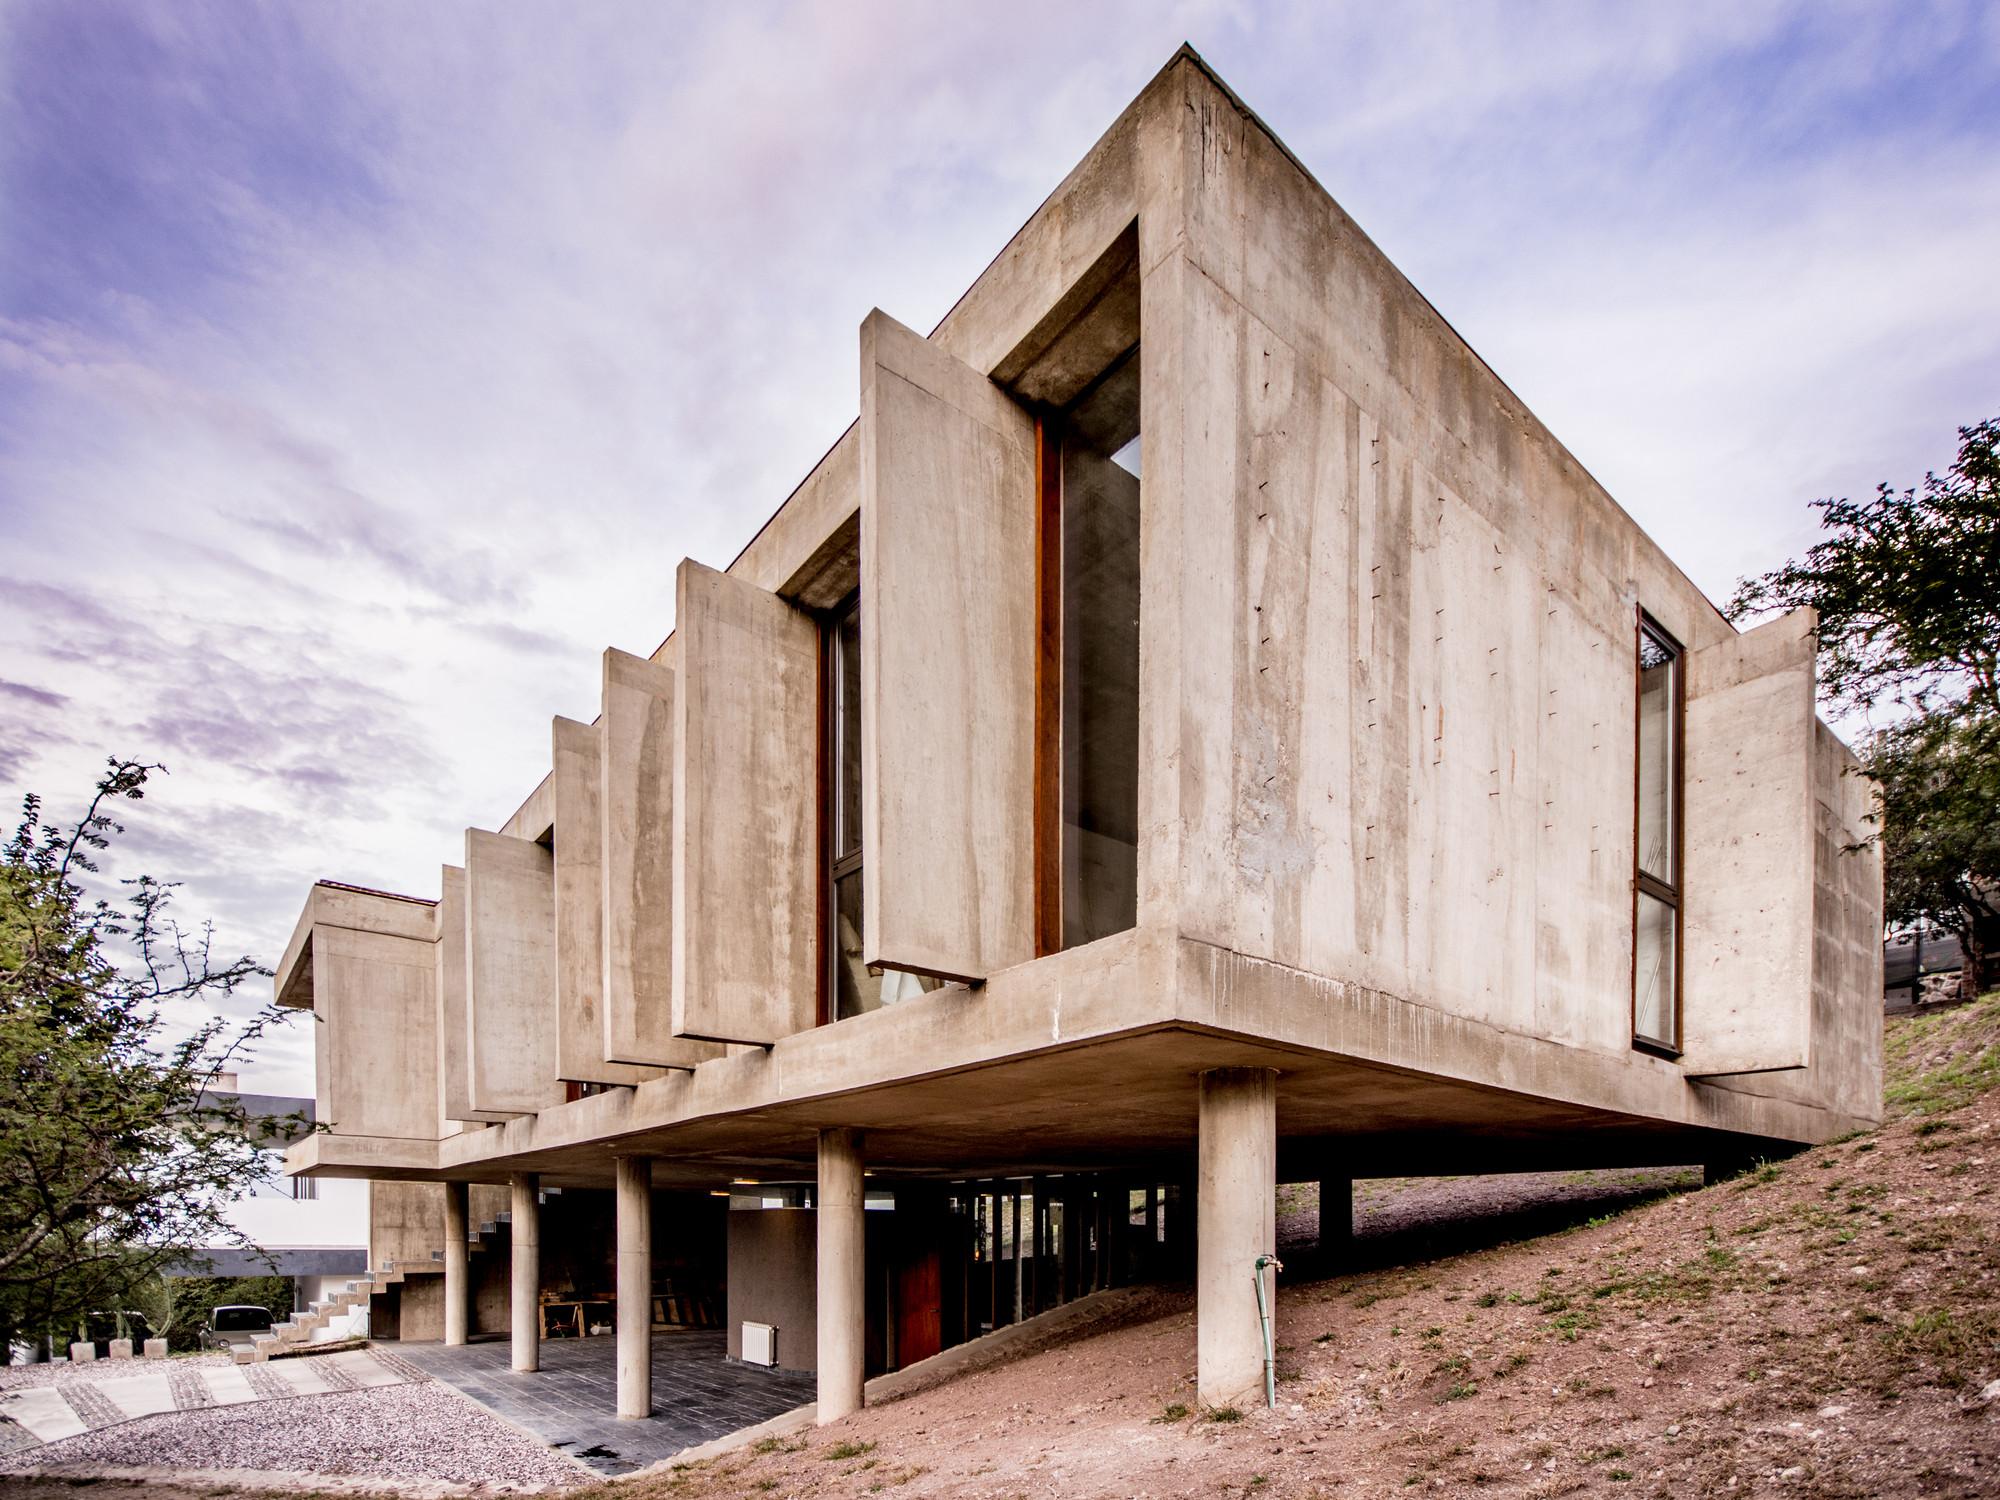 Casa en La Rufina / Santiago Carlos Viale + Daniella Beviglia, © Gonzalo Viramonte